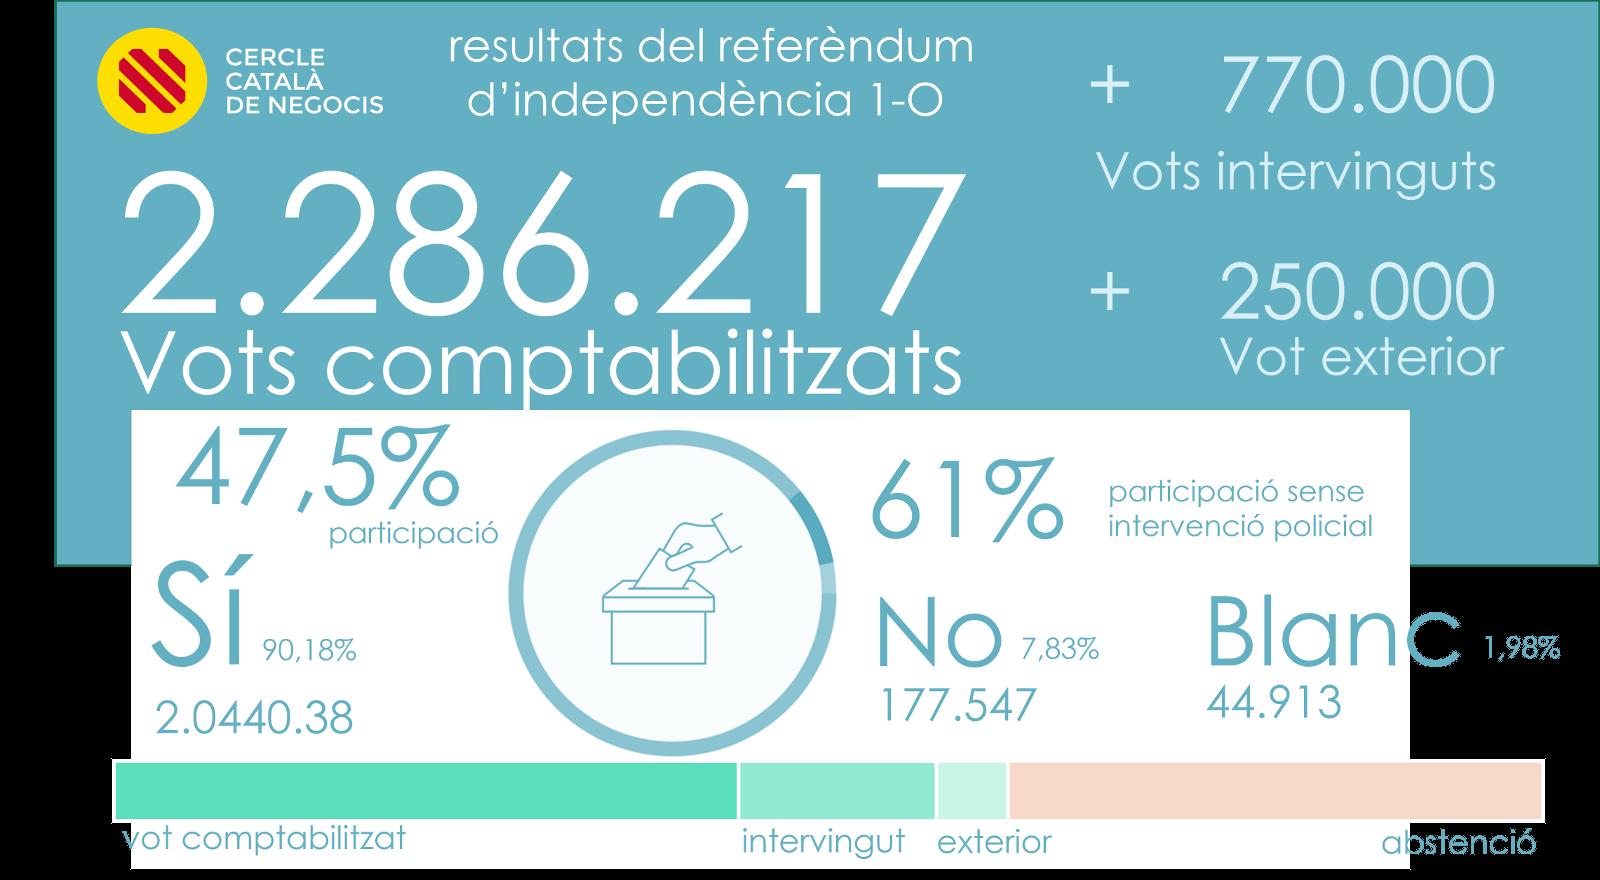 Referendum 1-O. Cercle Català de Negocis